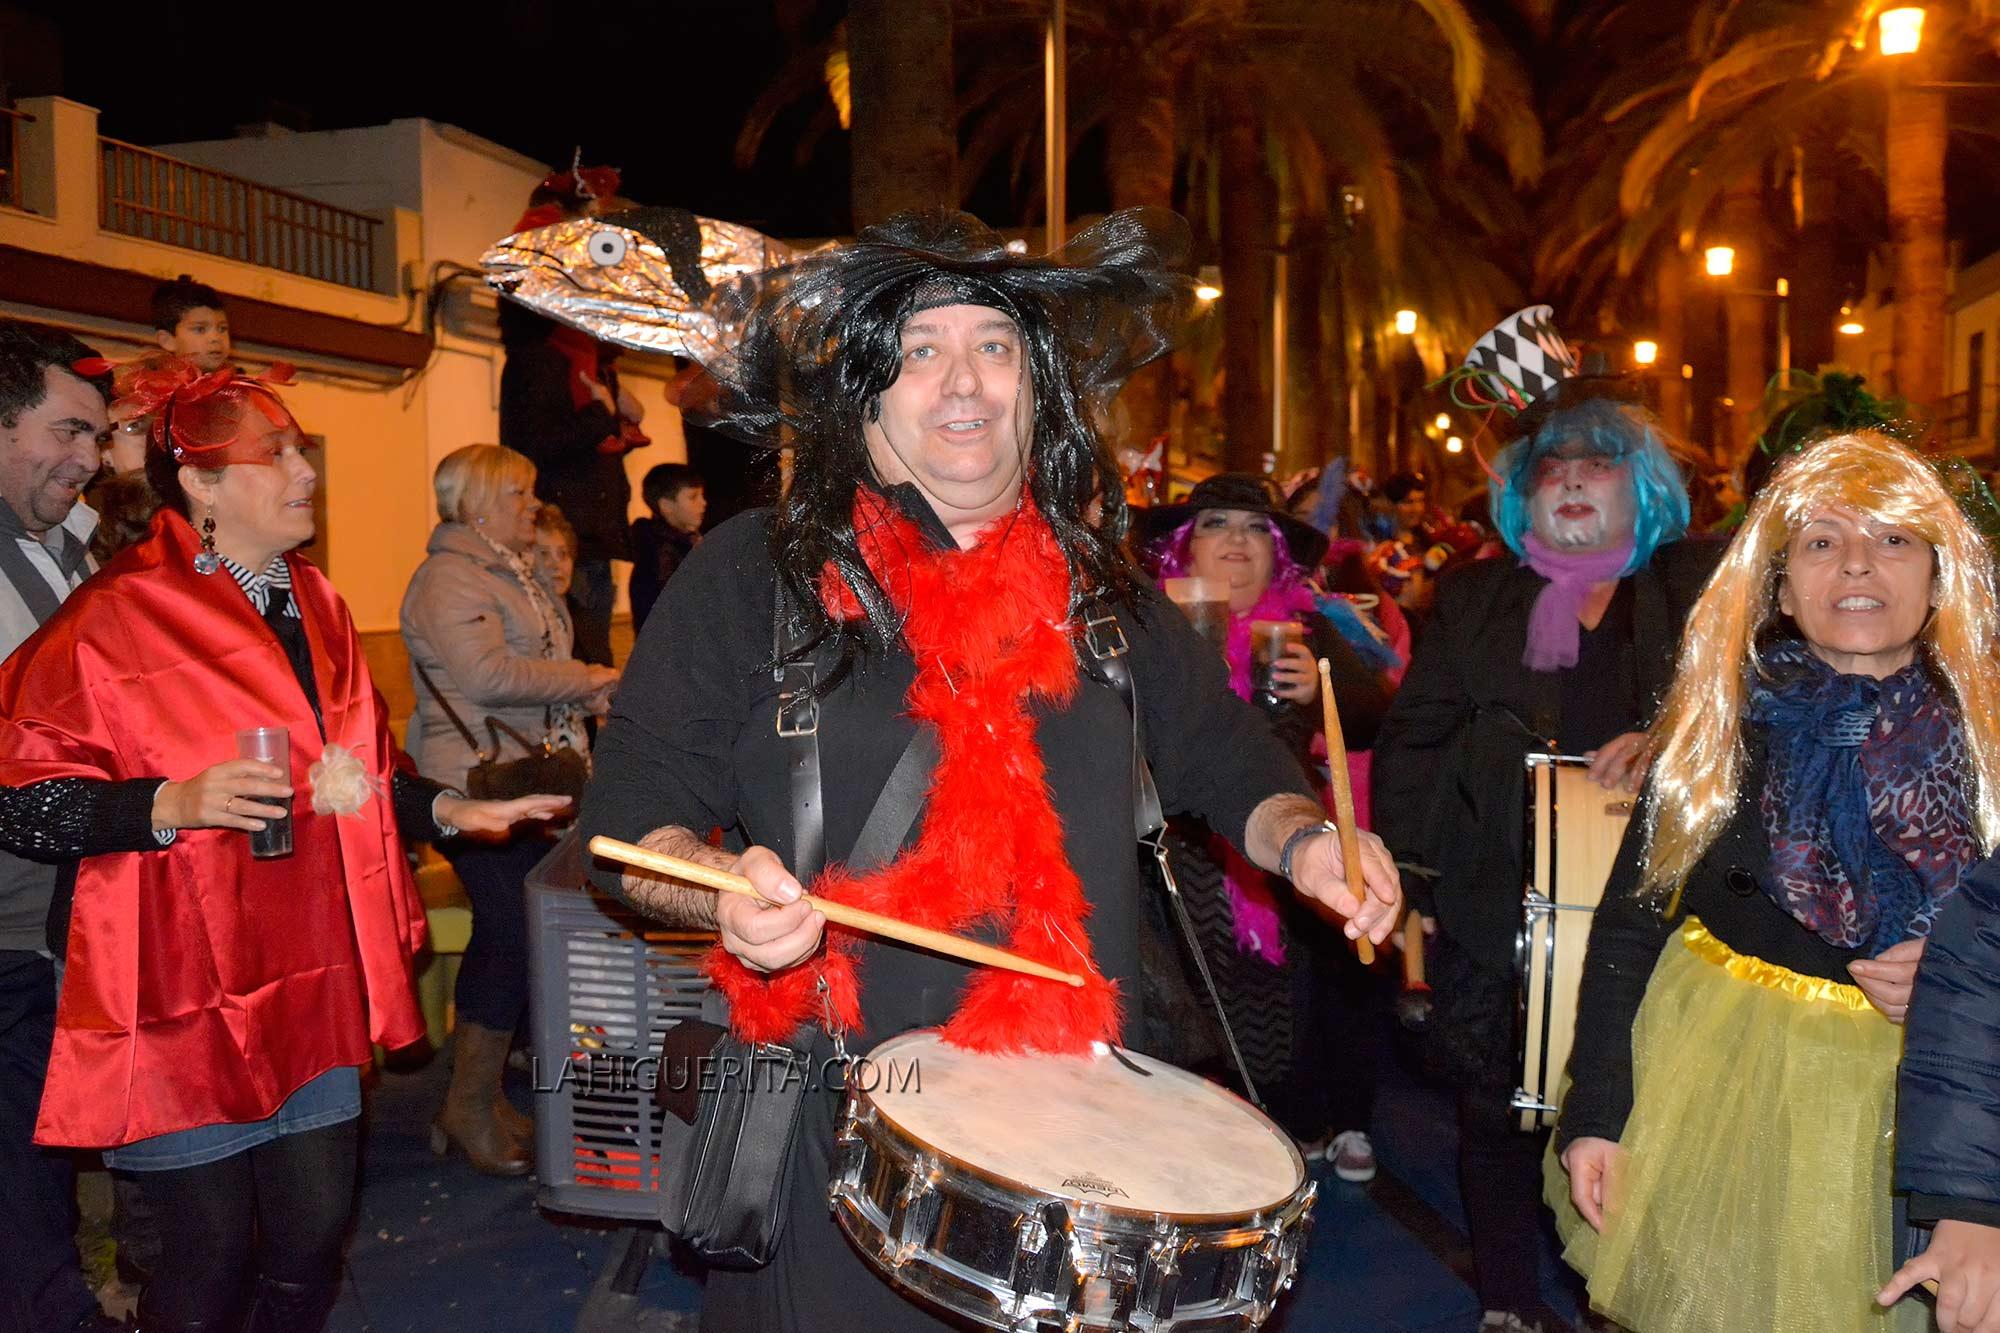 Entierro de la sardina carnaval isla cristina _DSC2084